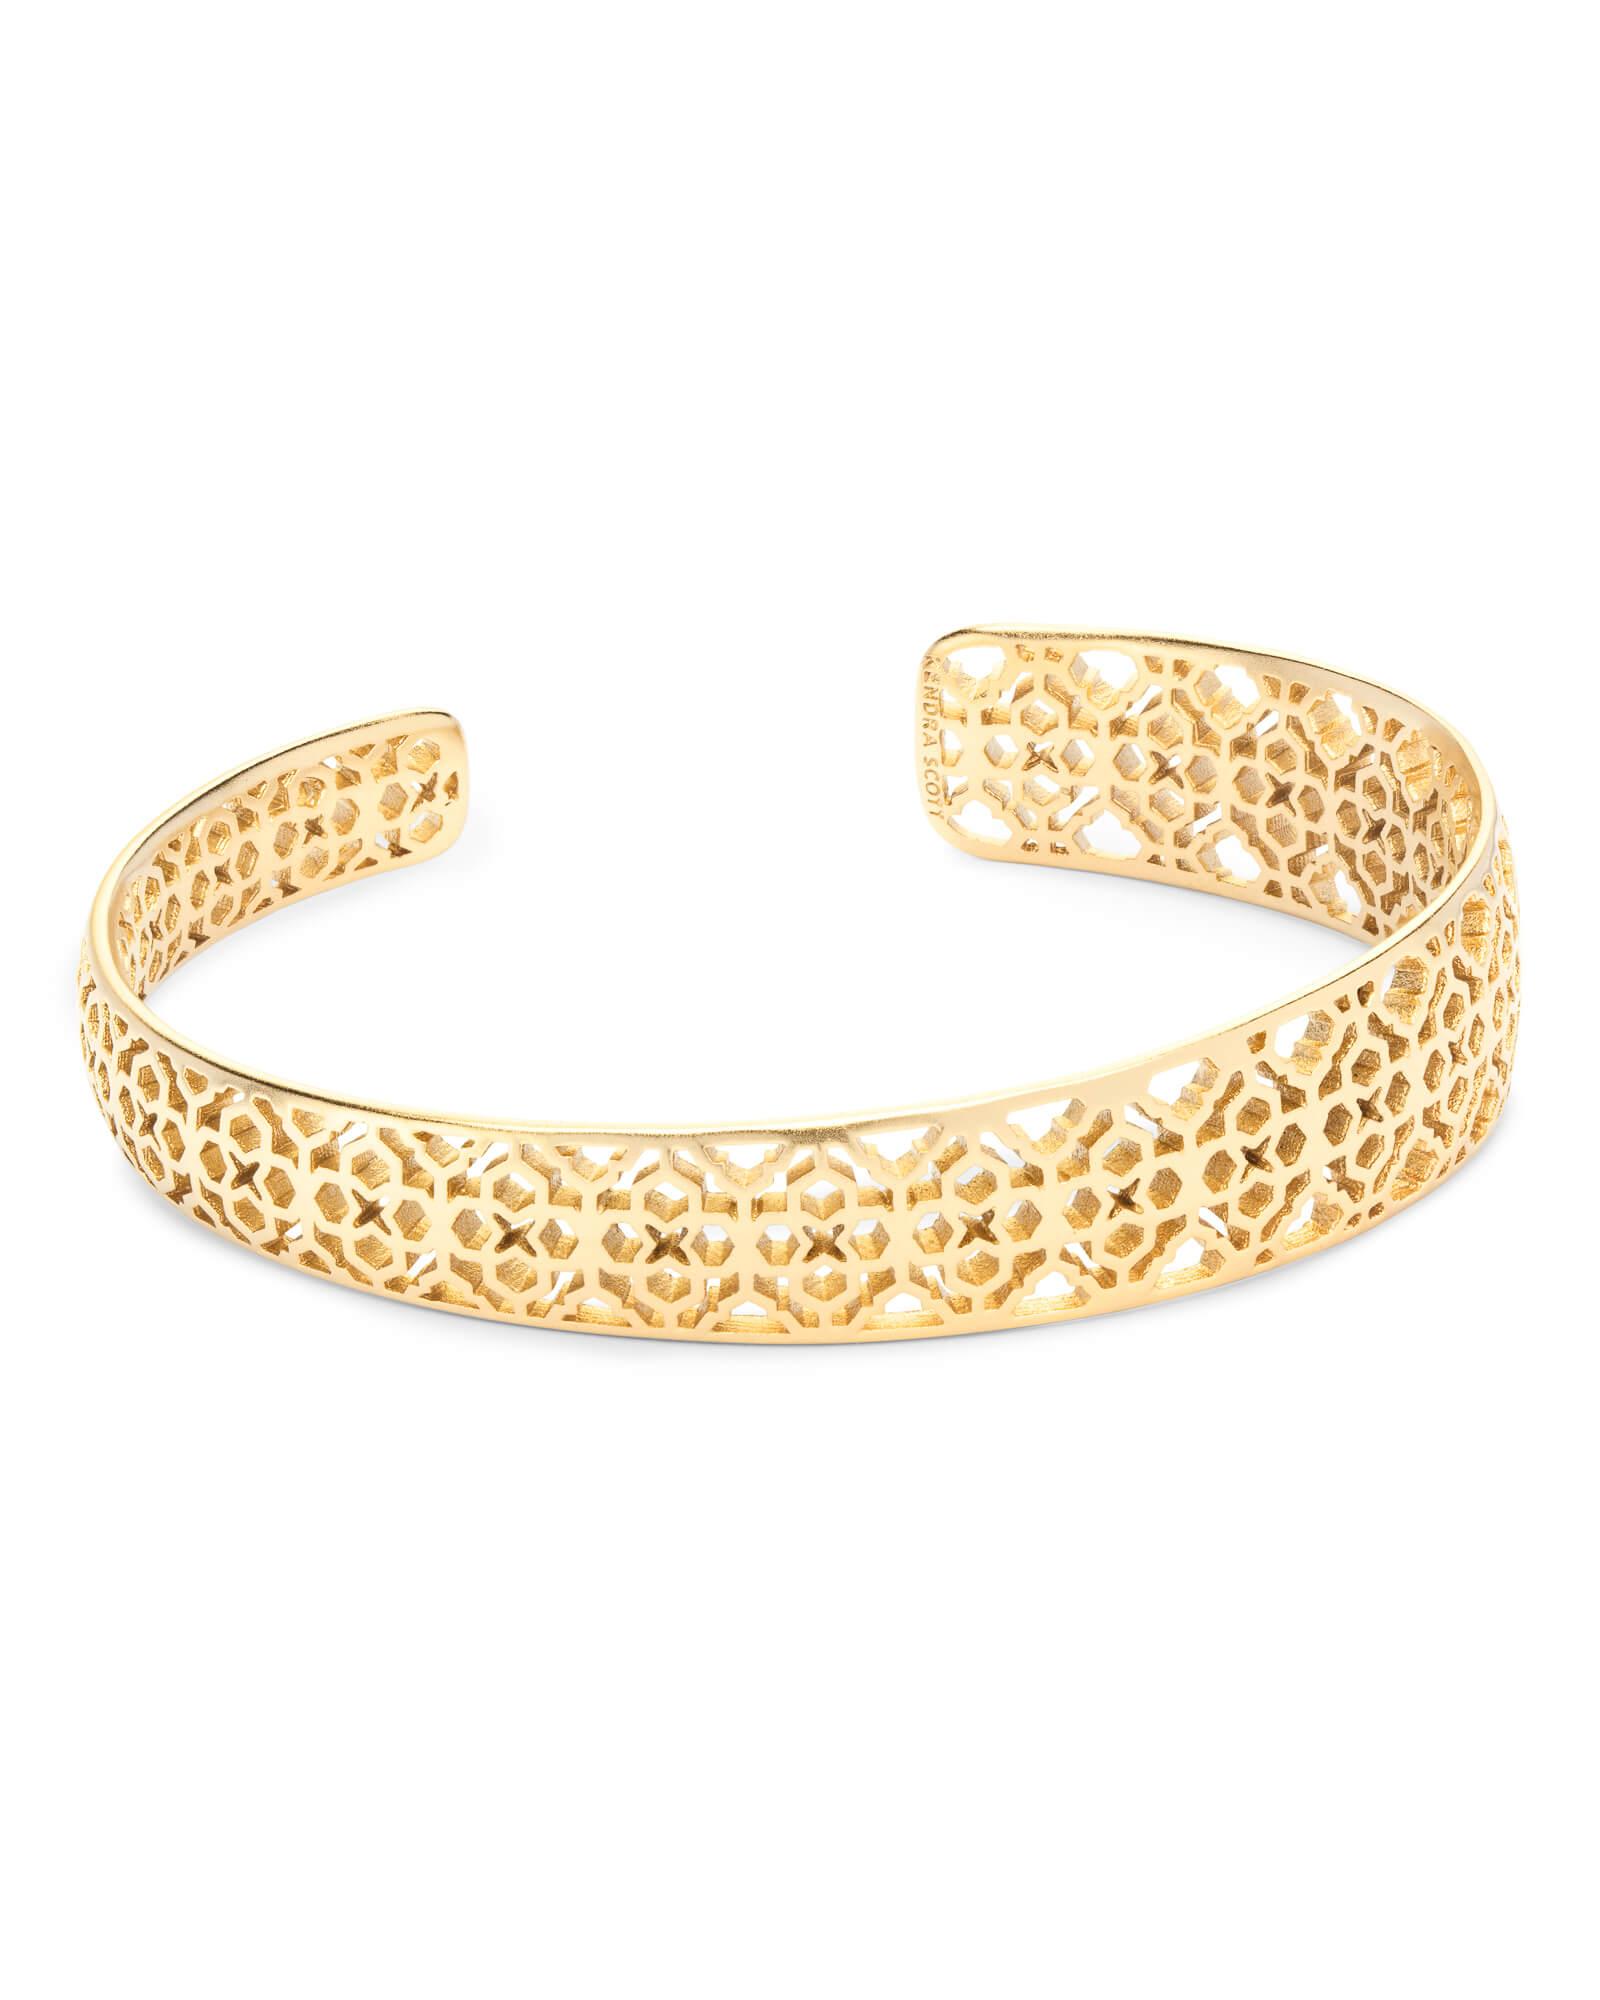 aa89084e700 Uma Cuff Bracelet In Gold | KendraScott